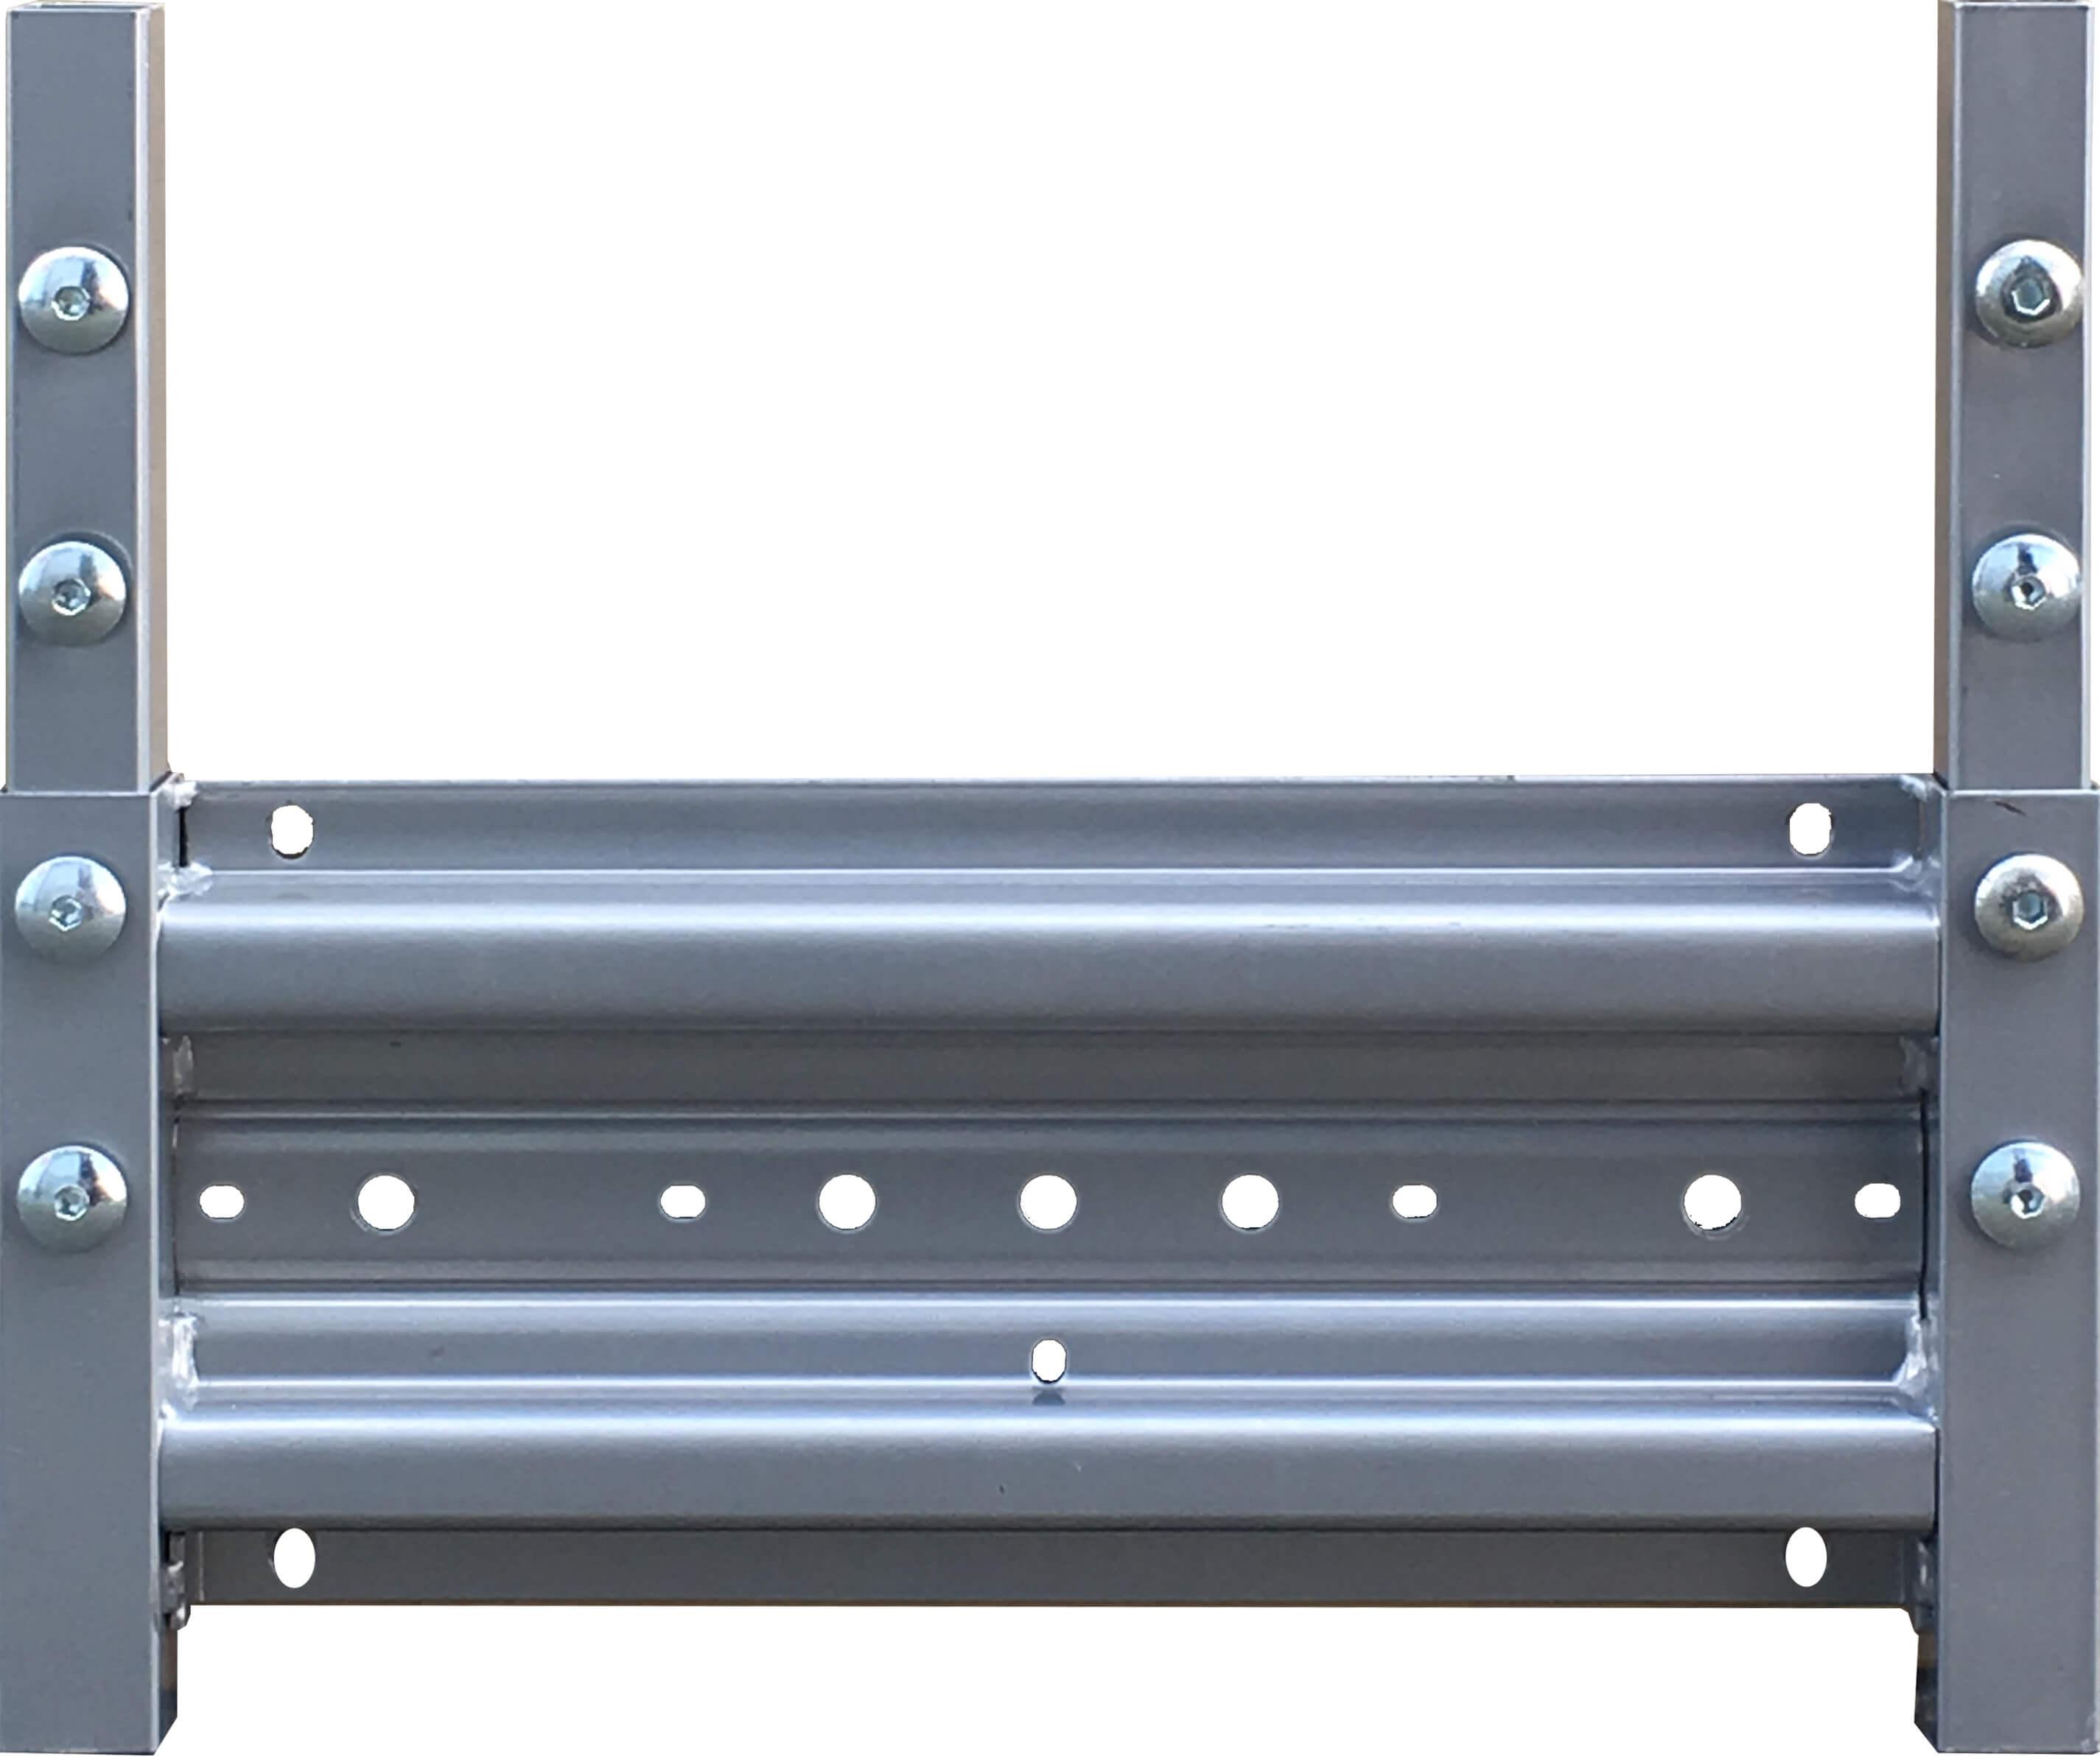 IKEA Galant Rahmen für Ansatzplatten halbrund 900.568.89-90056889